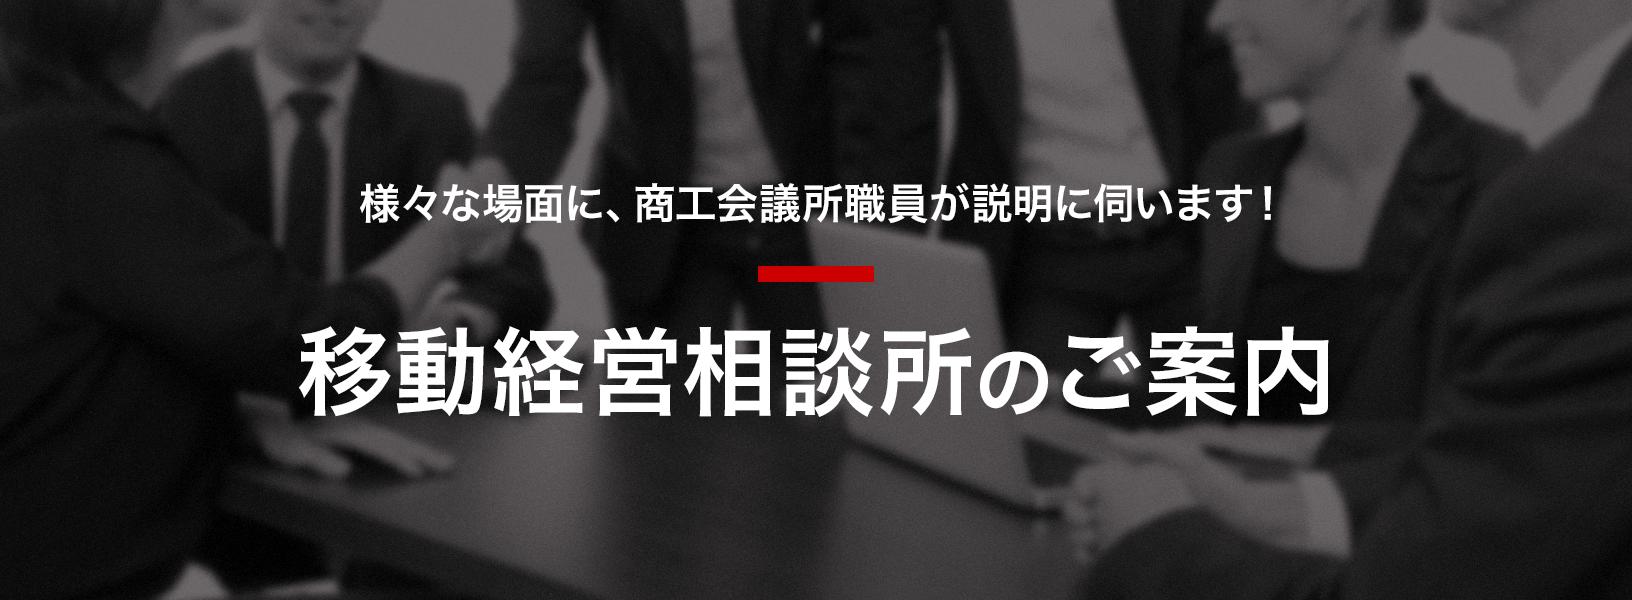 米子商工会議所 移動経営相談所